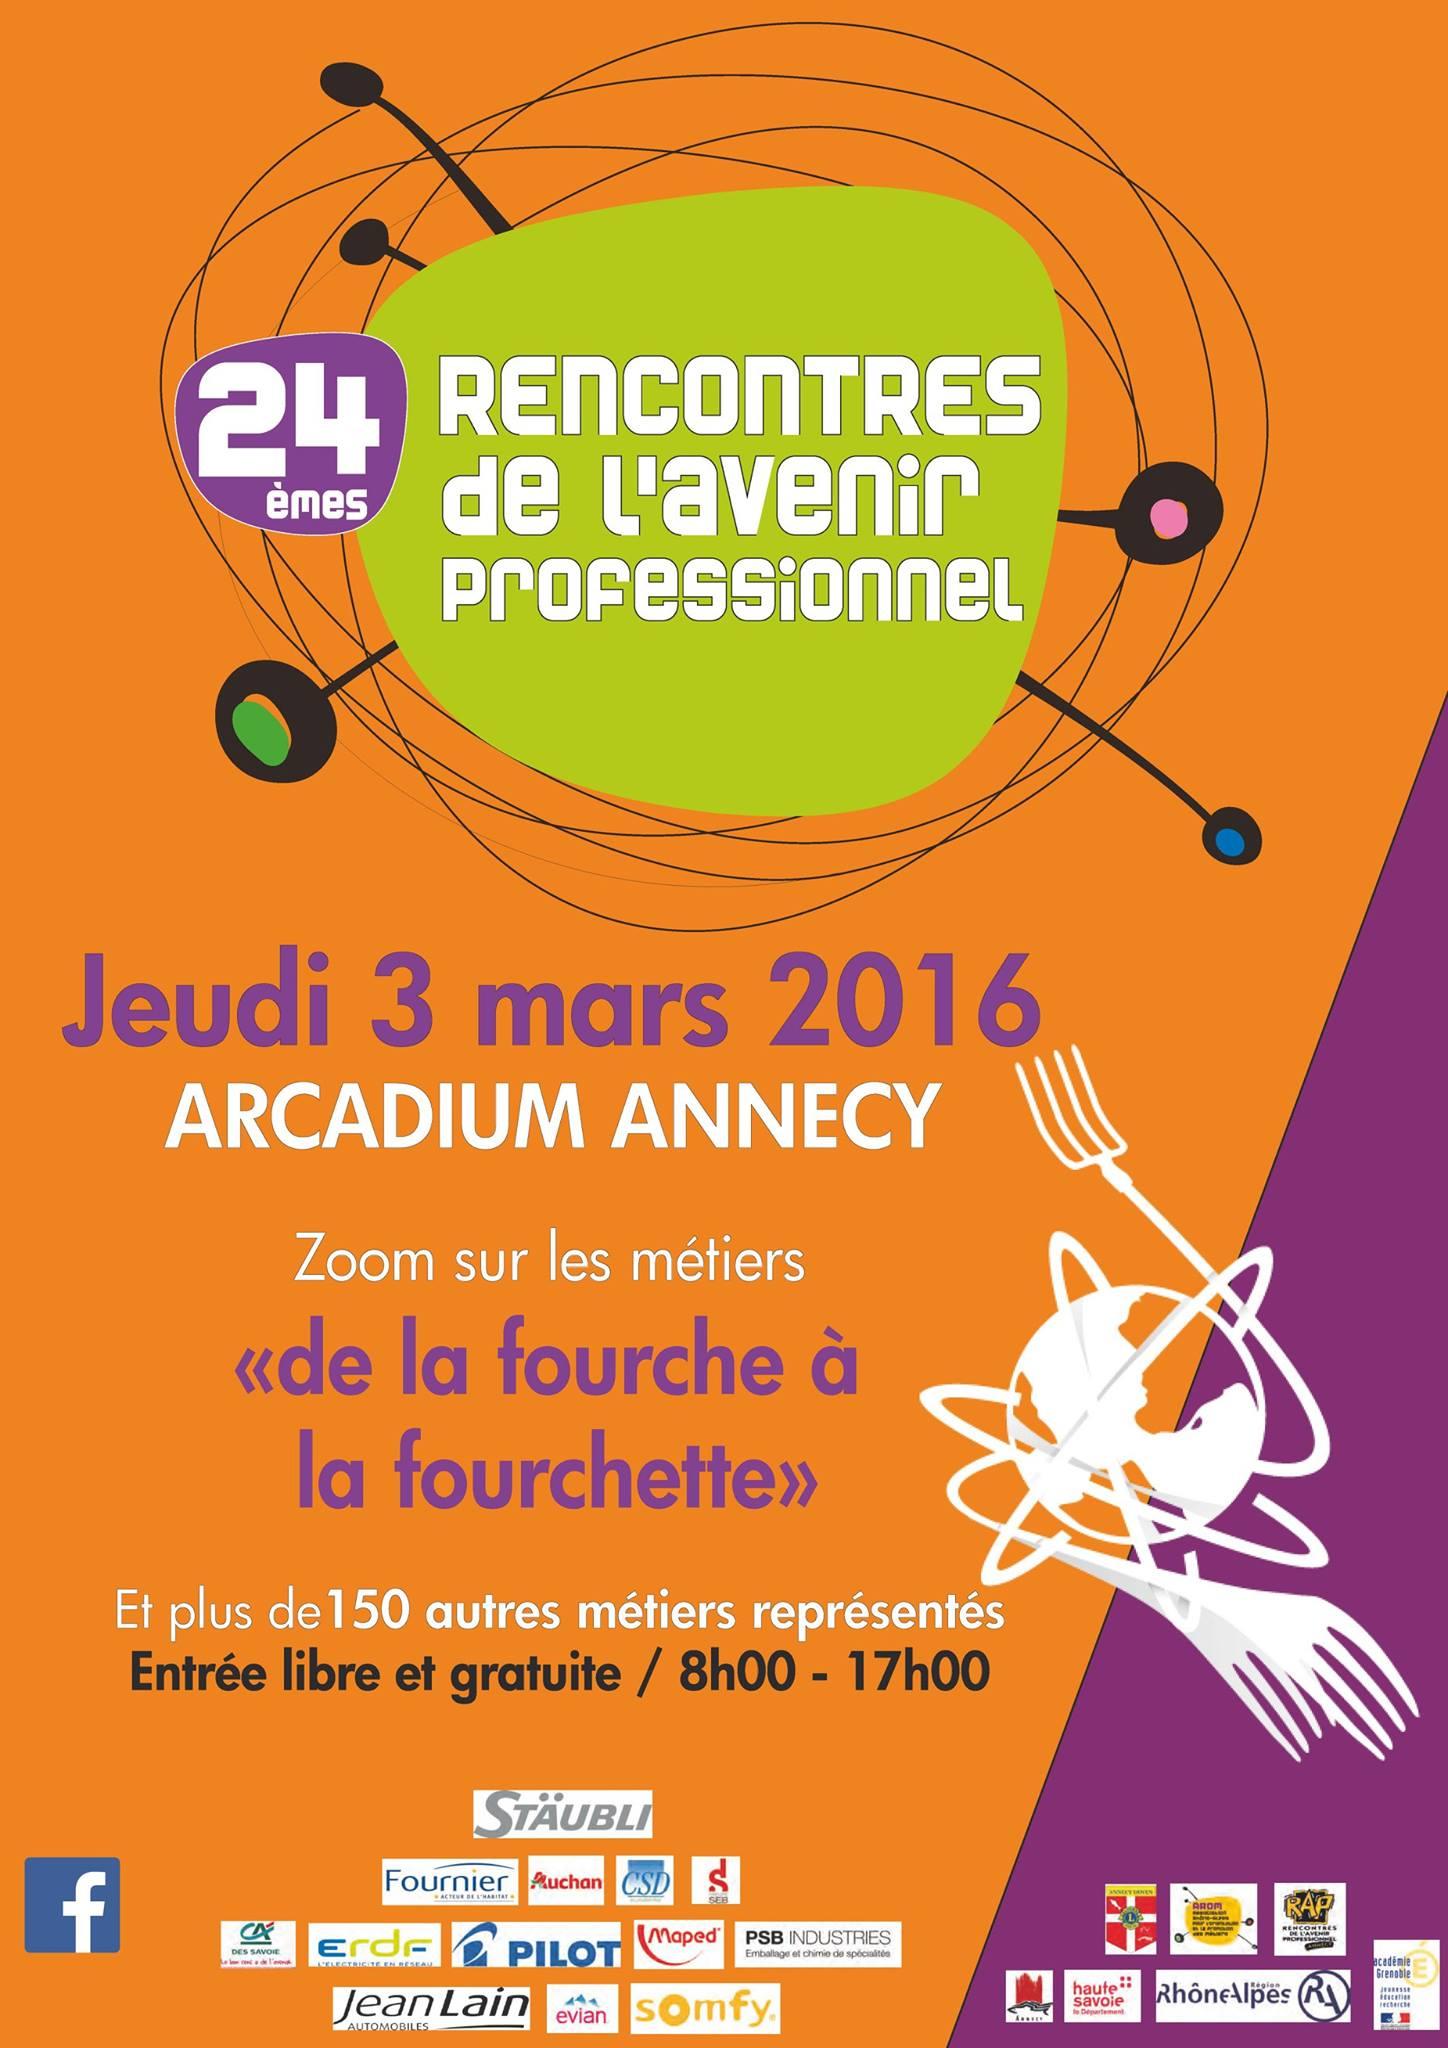 Les 24 mes rencontres de l avenir professionnel rap for La fourchette annecy